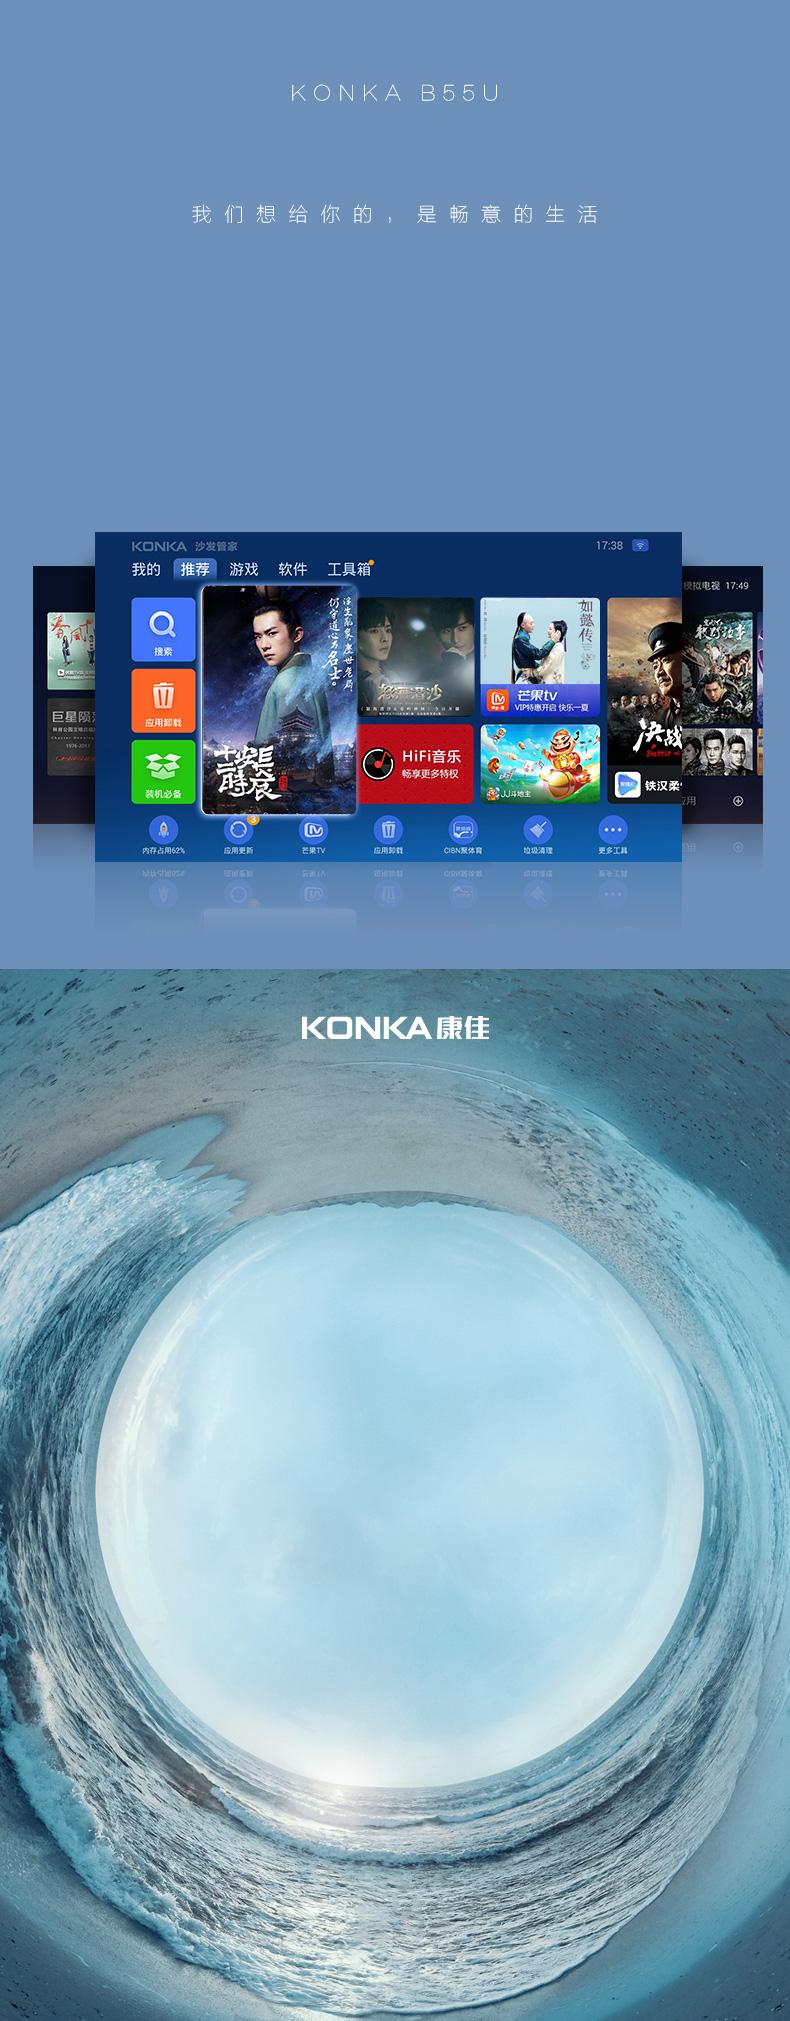 ○NKAB5我们想给你的,是畅意的生KONKA沙发管家我的推荐游戏软件工具箱沙画果t应用卸载头HiF音乐畅享更多特权KONKA康佳-推好价 | 品质生活 精选好价